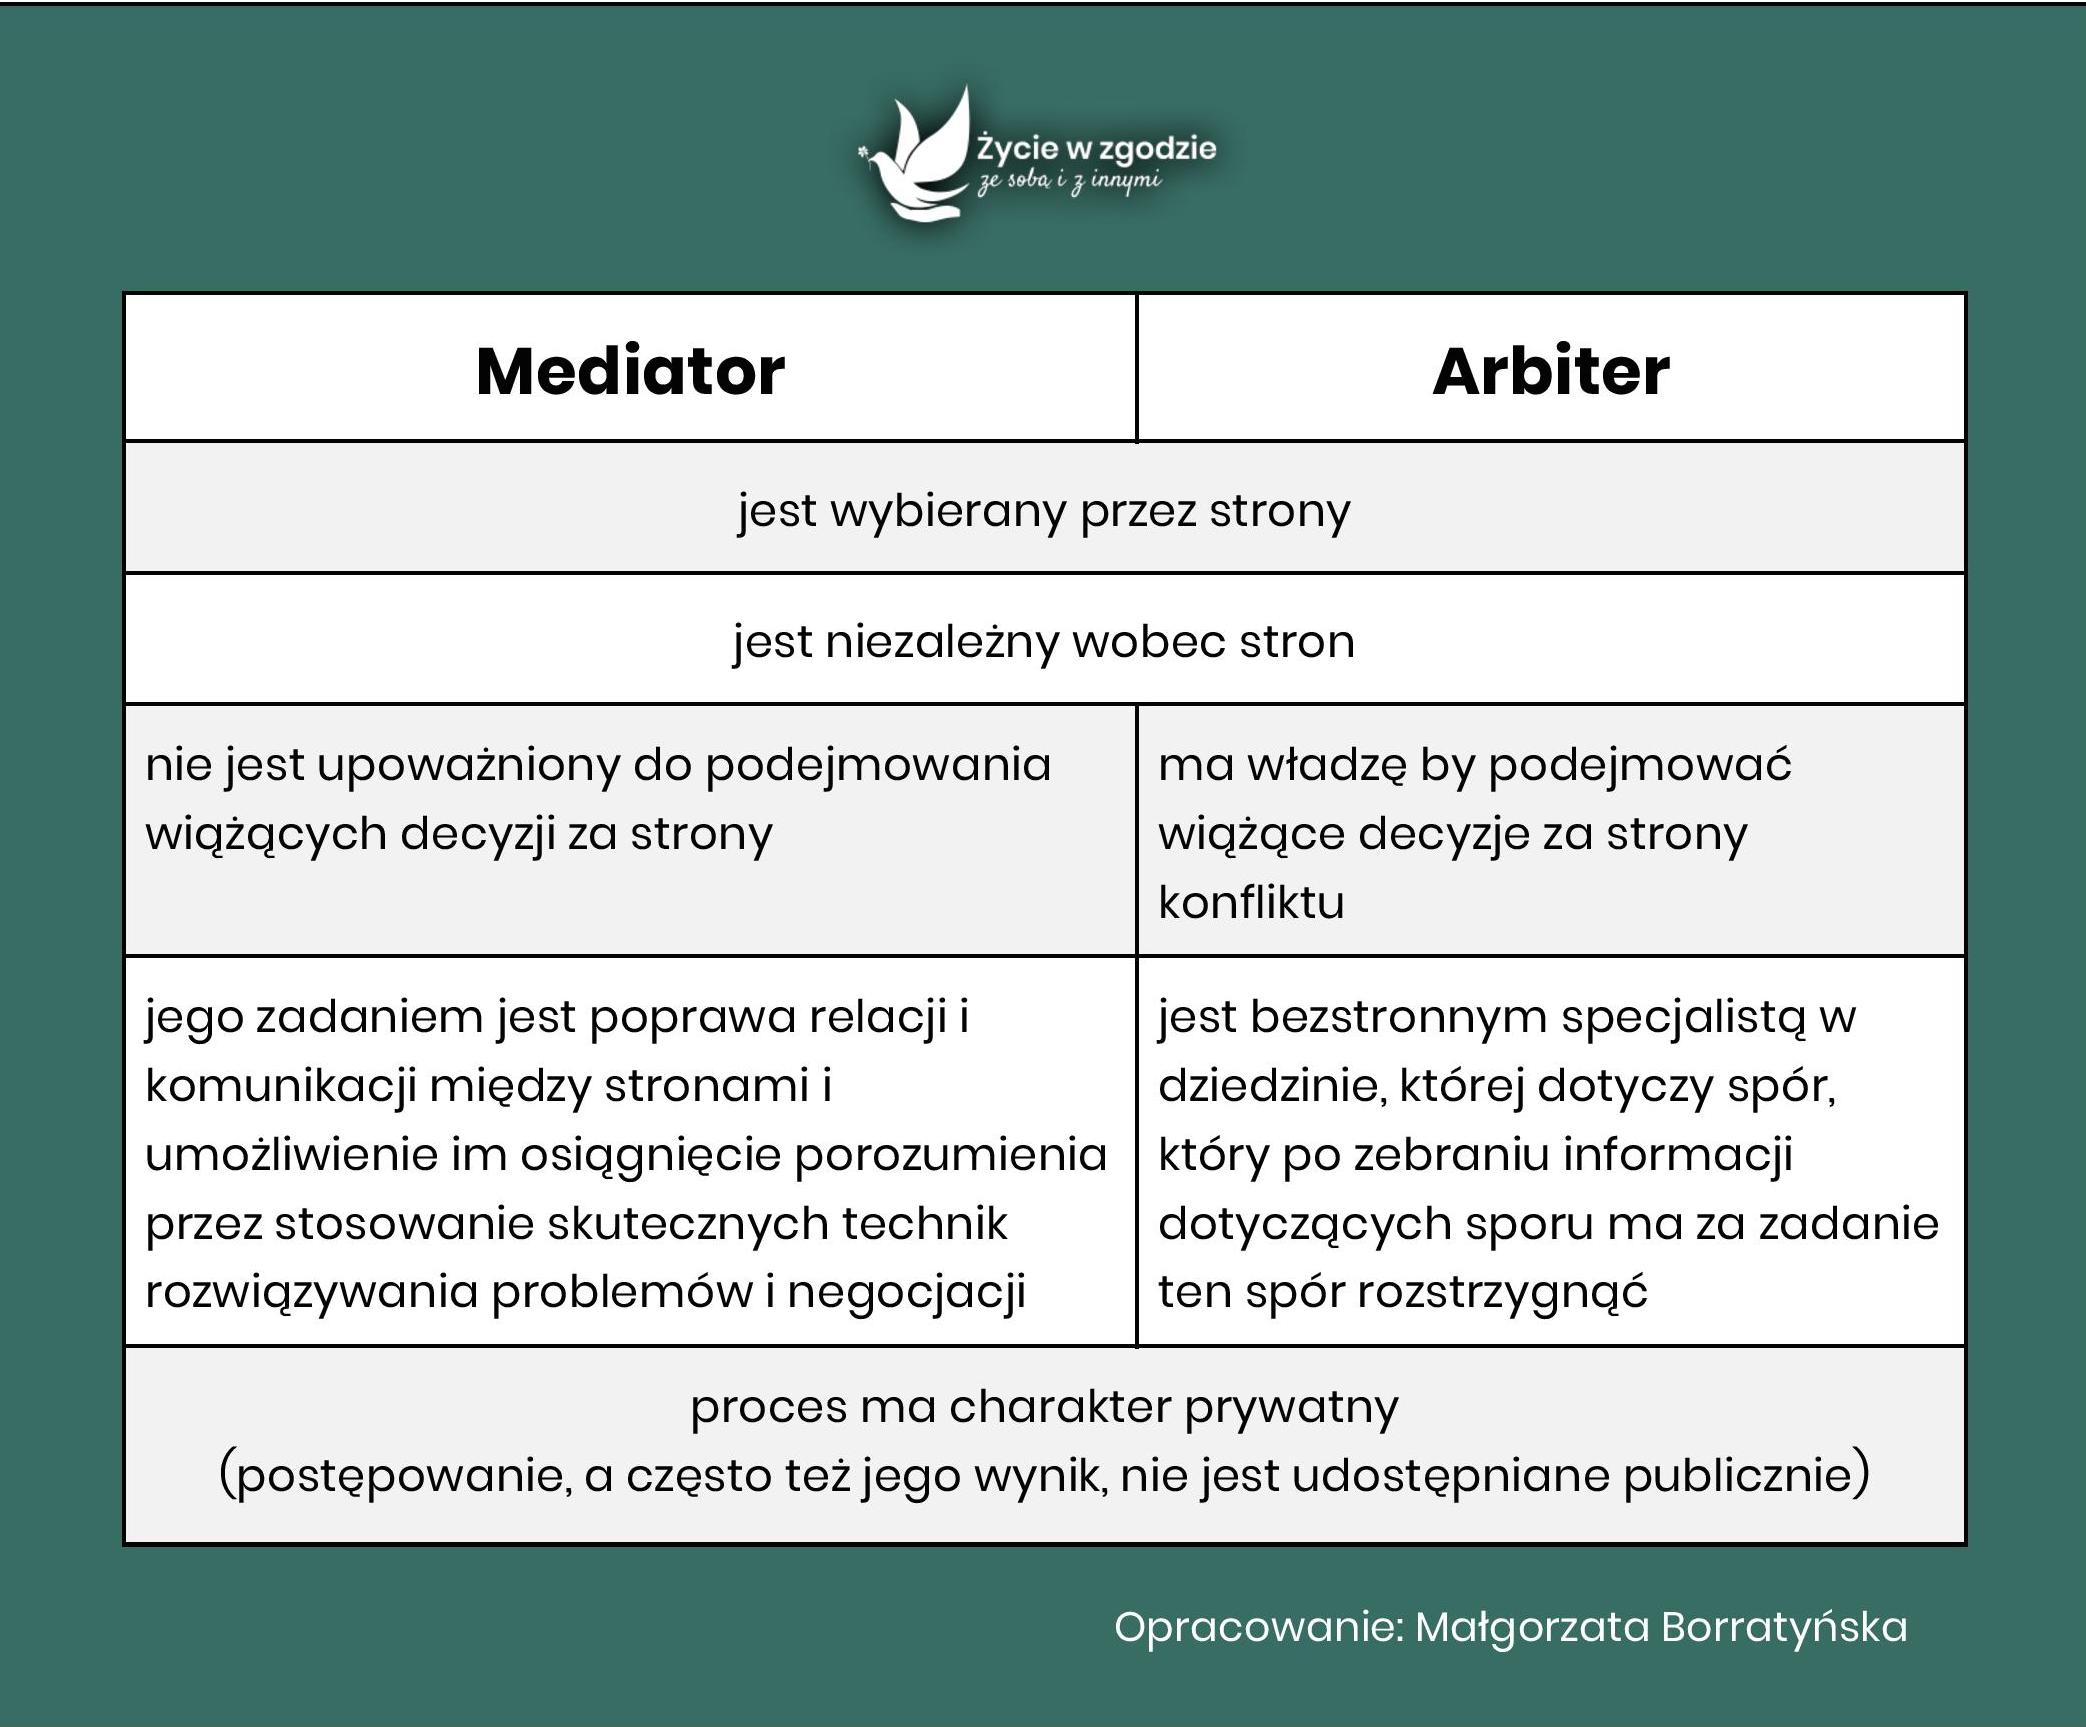 Mediator a arbiter - porównanie